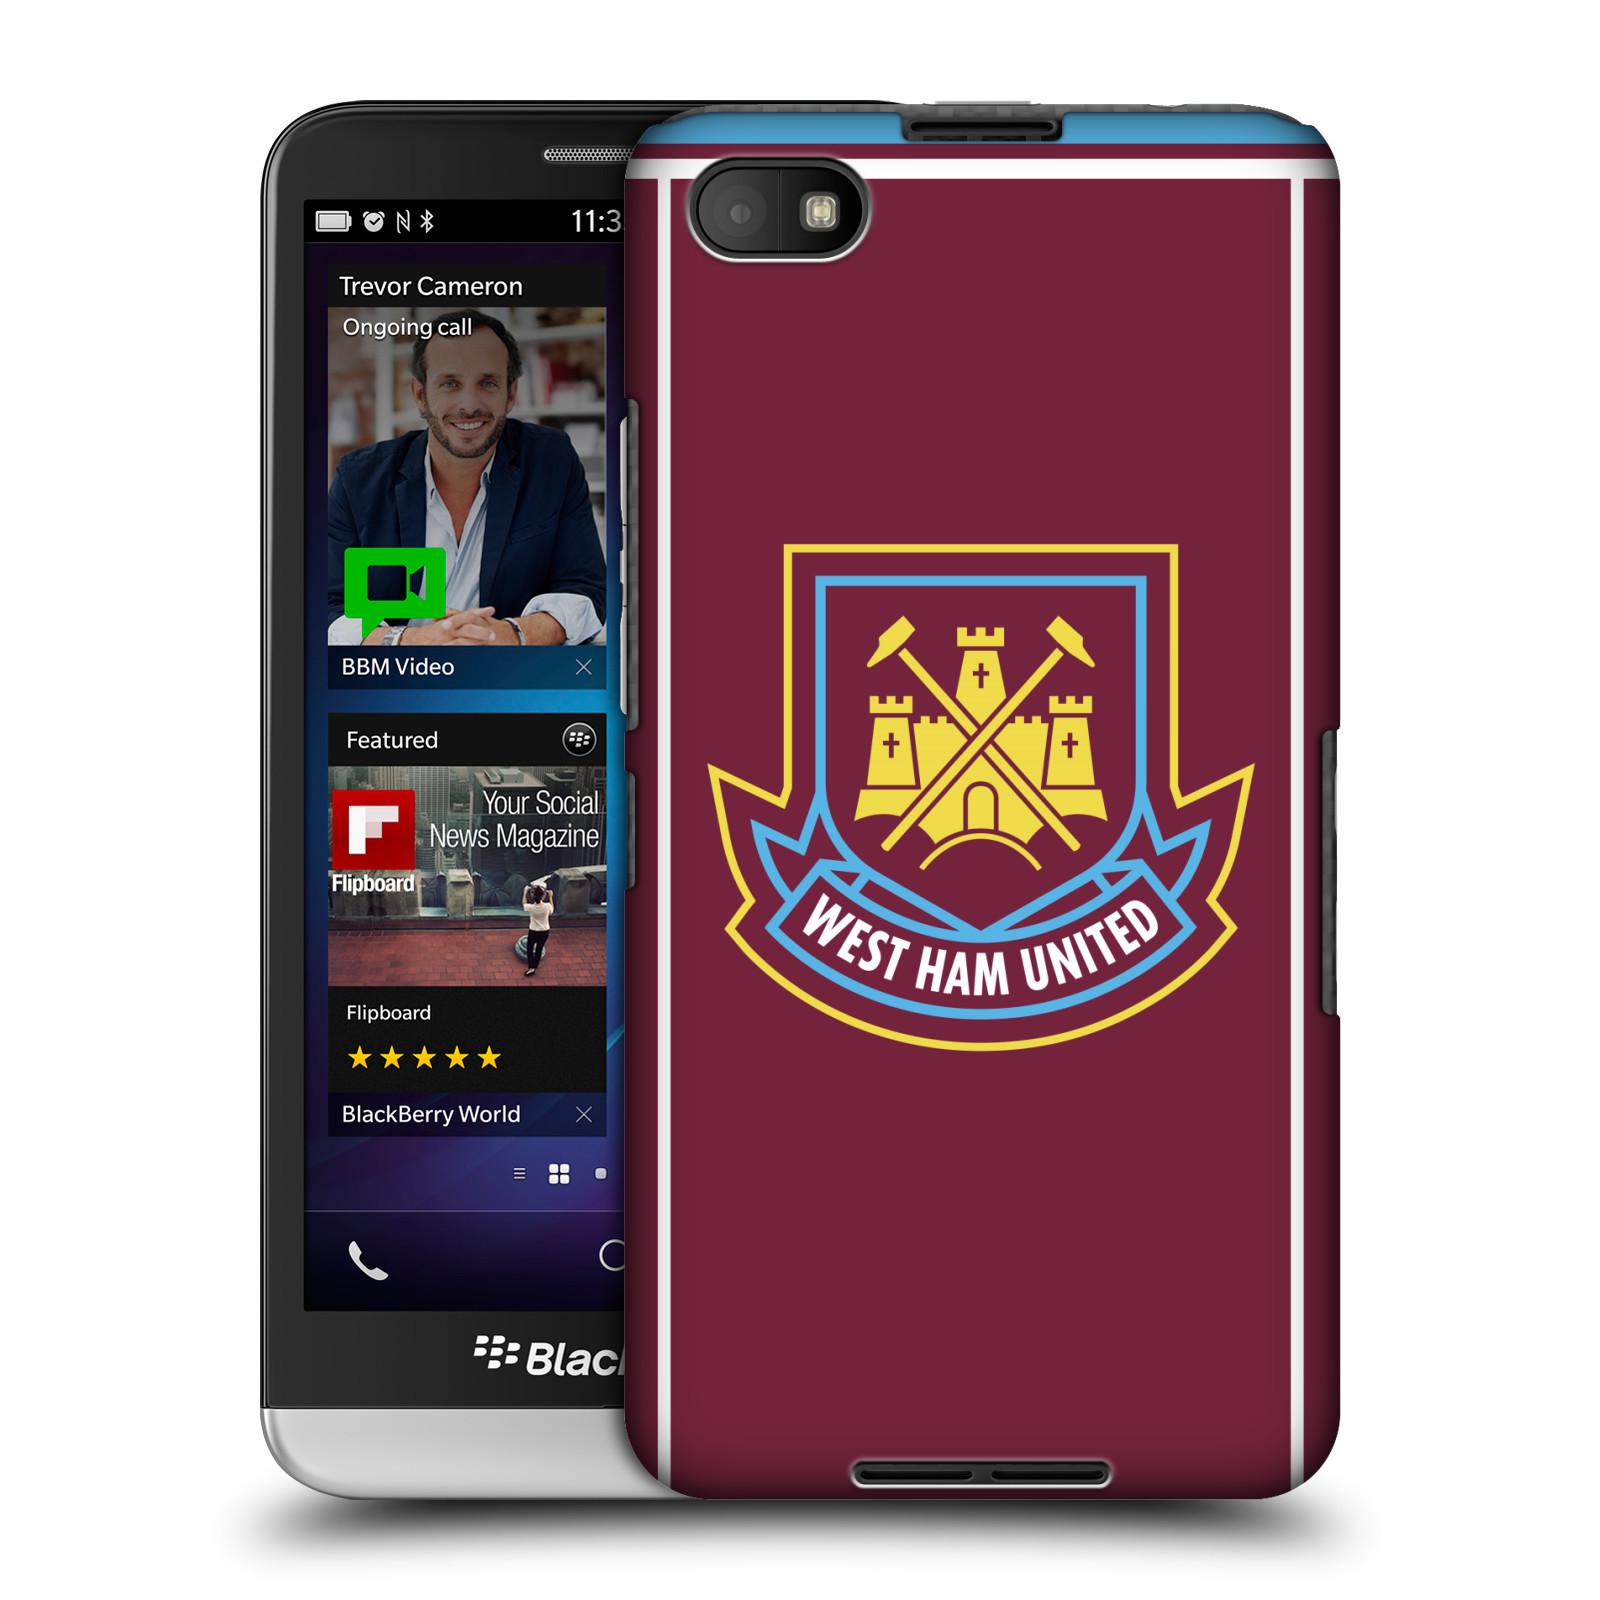 Plastové pouzdro na mobil Blackberry Z30 - Head Case - West Ham United - Retro znak (Plastový kryt či obal na mobilní telefon s motivem West Ham United - Kladiváři - Retro znak pro Blackberry Z30)